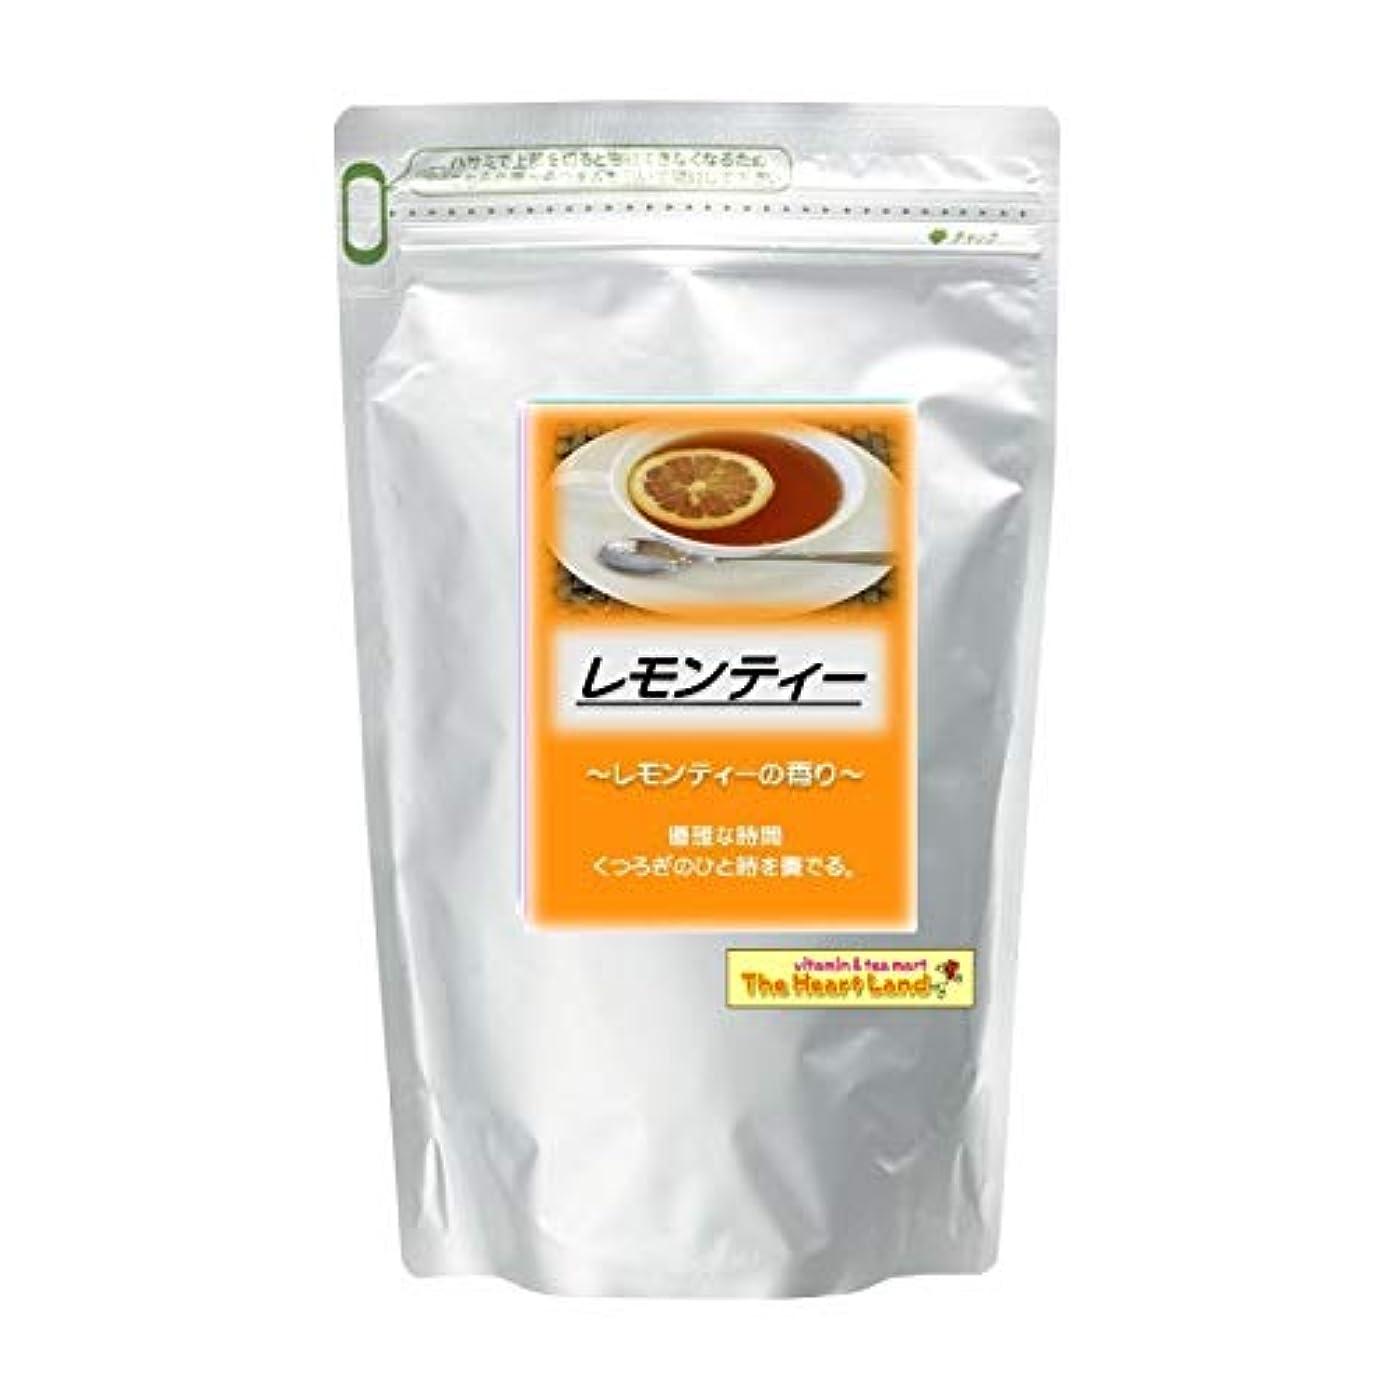 区別する征服にぎやかアサヒ入浴剤 浴用入浴化粧品 レモンティー 2.5kg